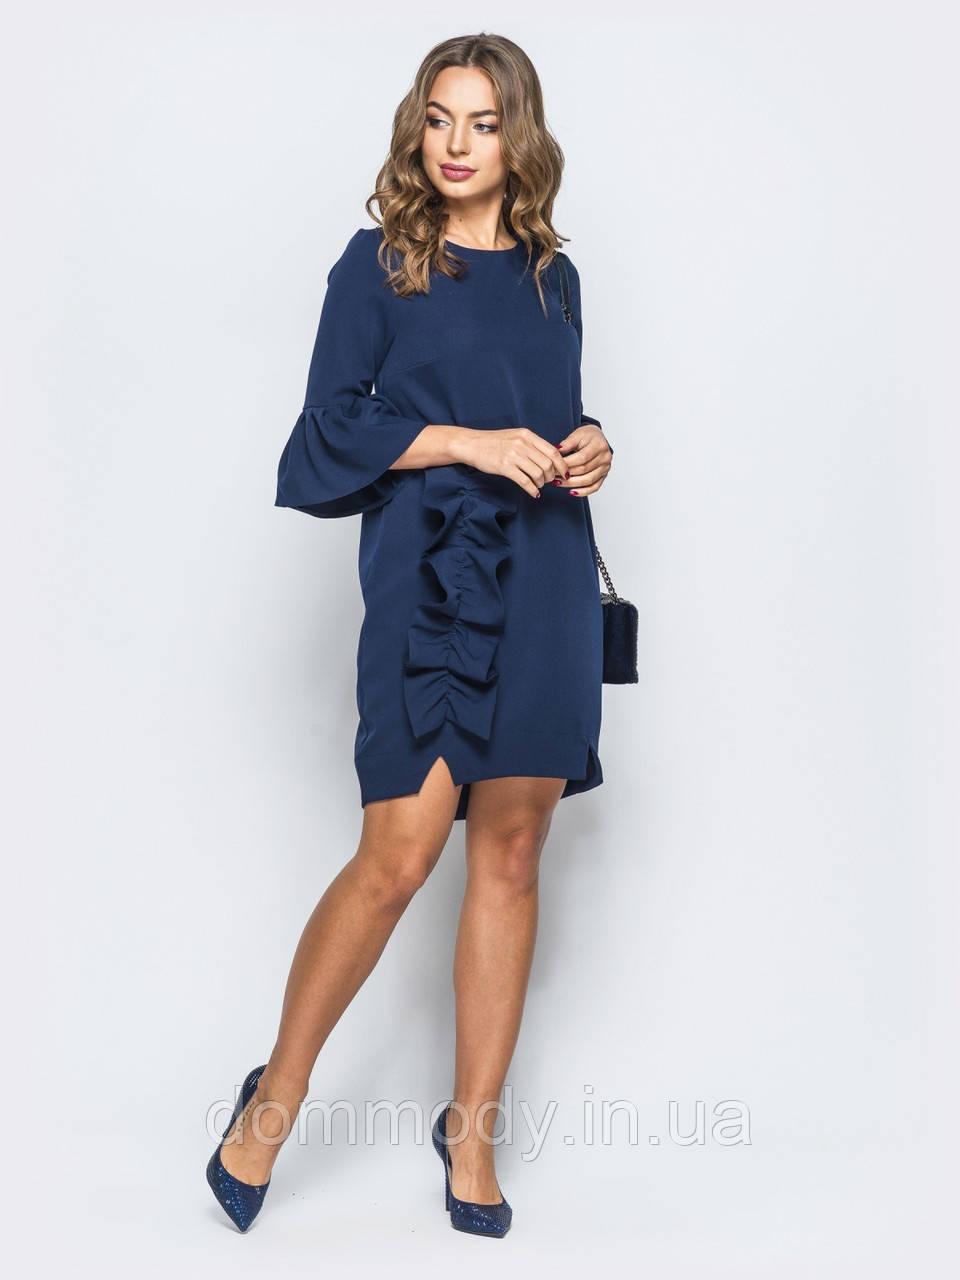 Платье женское Vivan blu 46